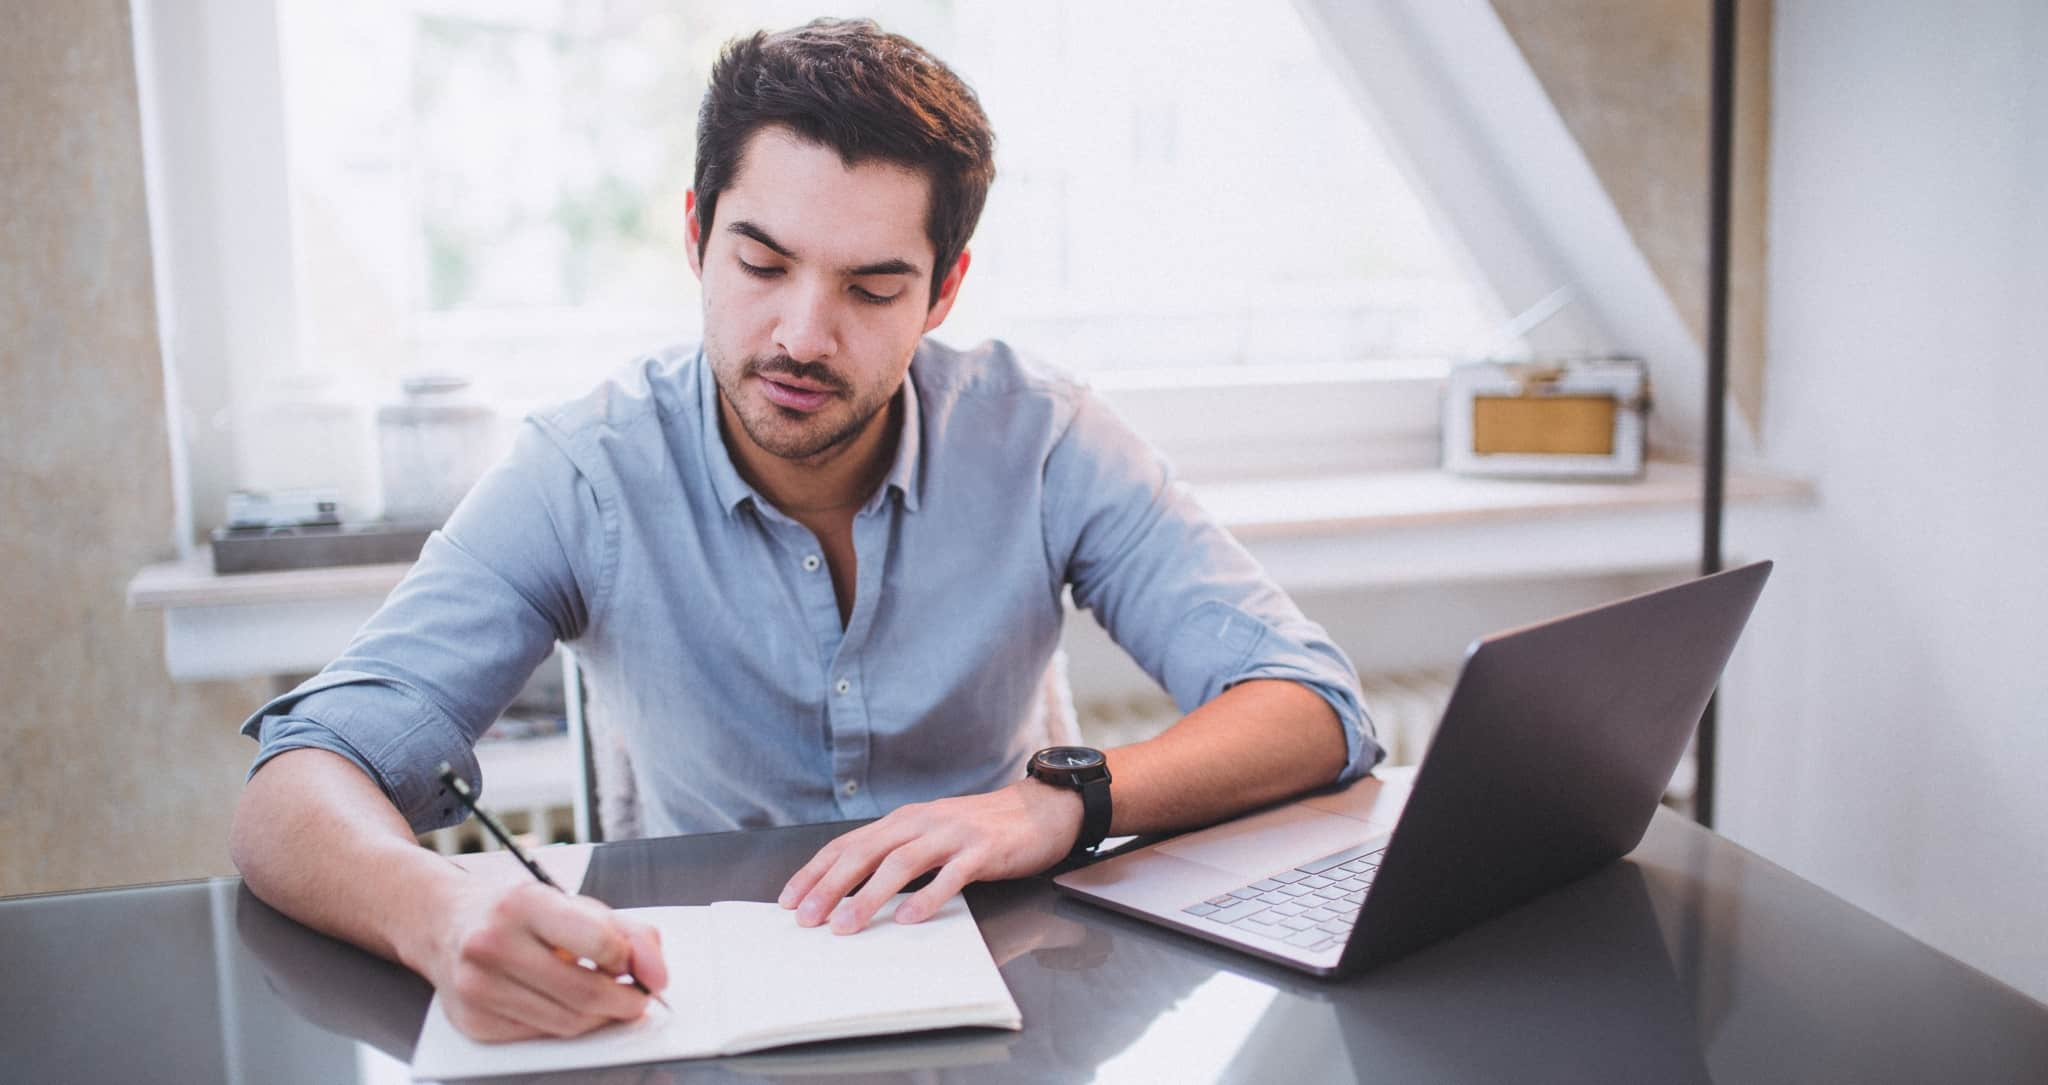 jovem a escrever com computador à frente